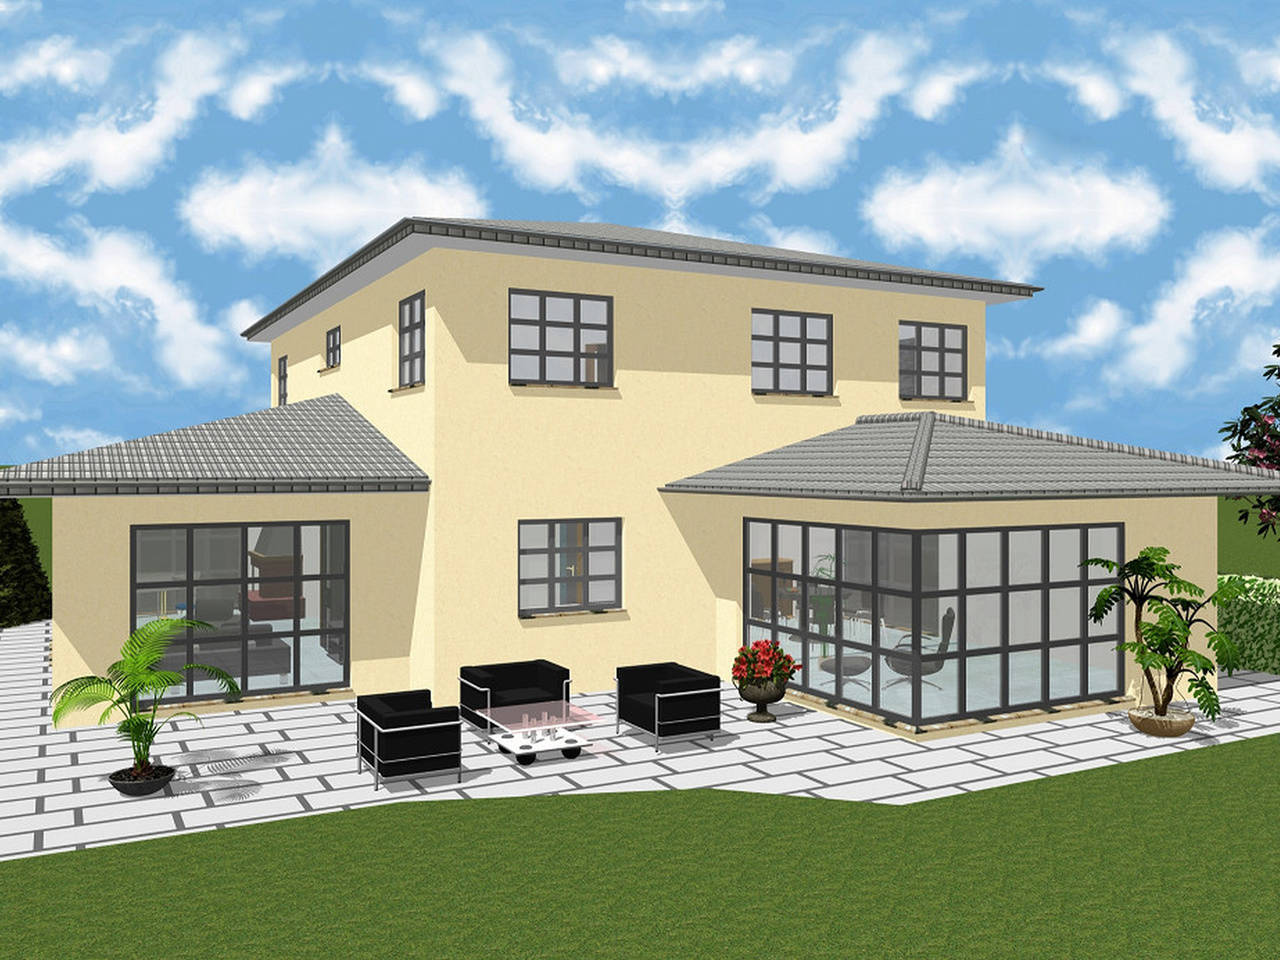 Einfamilienhaus 214 von KMT Massivhaus